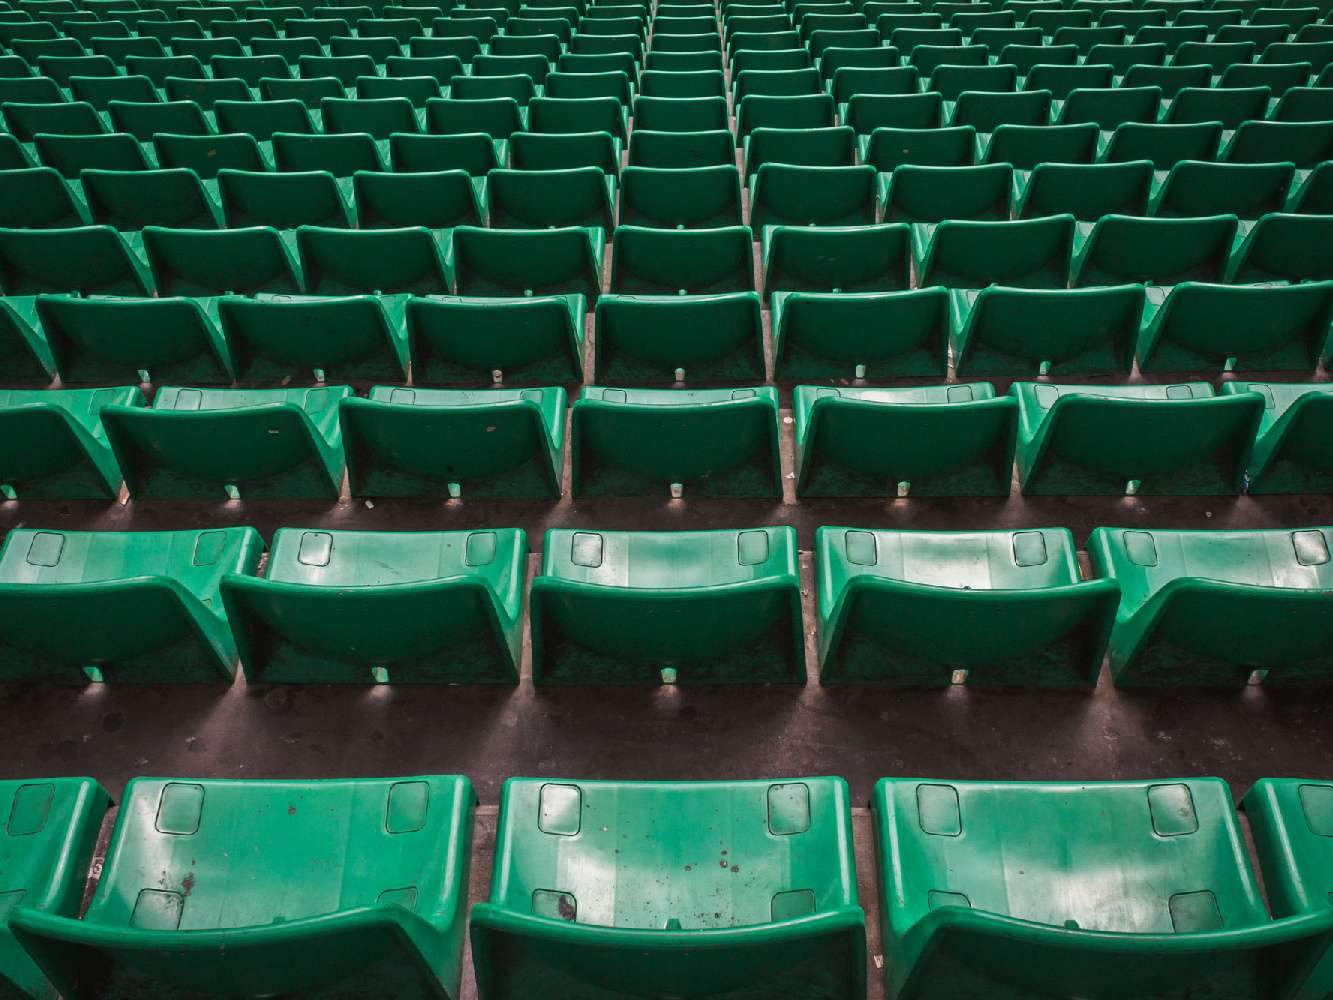 Последний действующий чемпионат Европы по футболу могут закрыть уже в понедельник